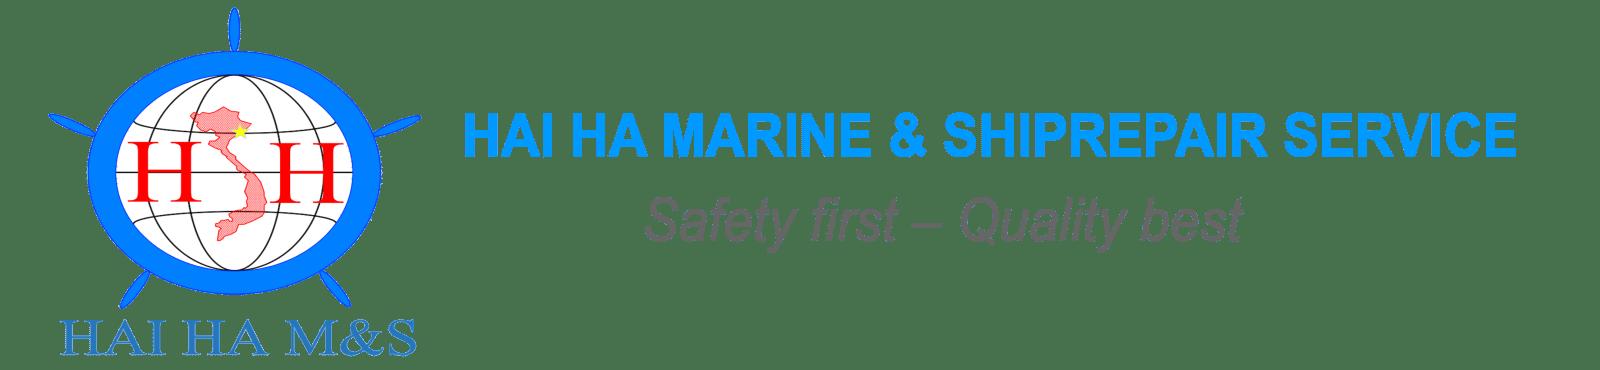 Hai Ha Marine and Ship Repair Service Co.Ltd